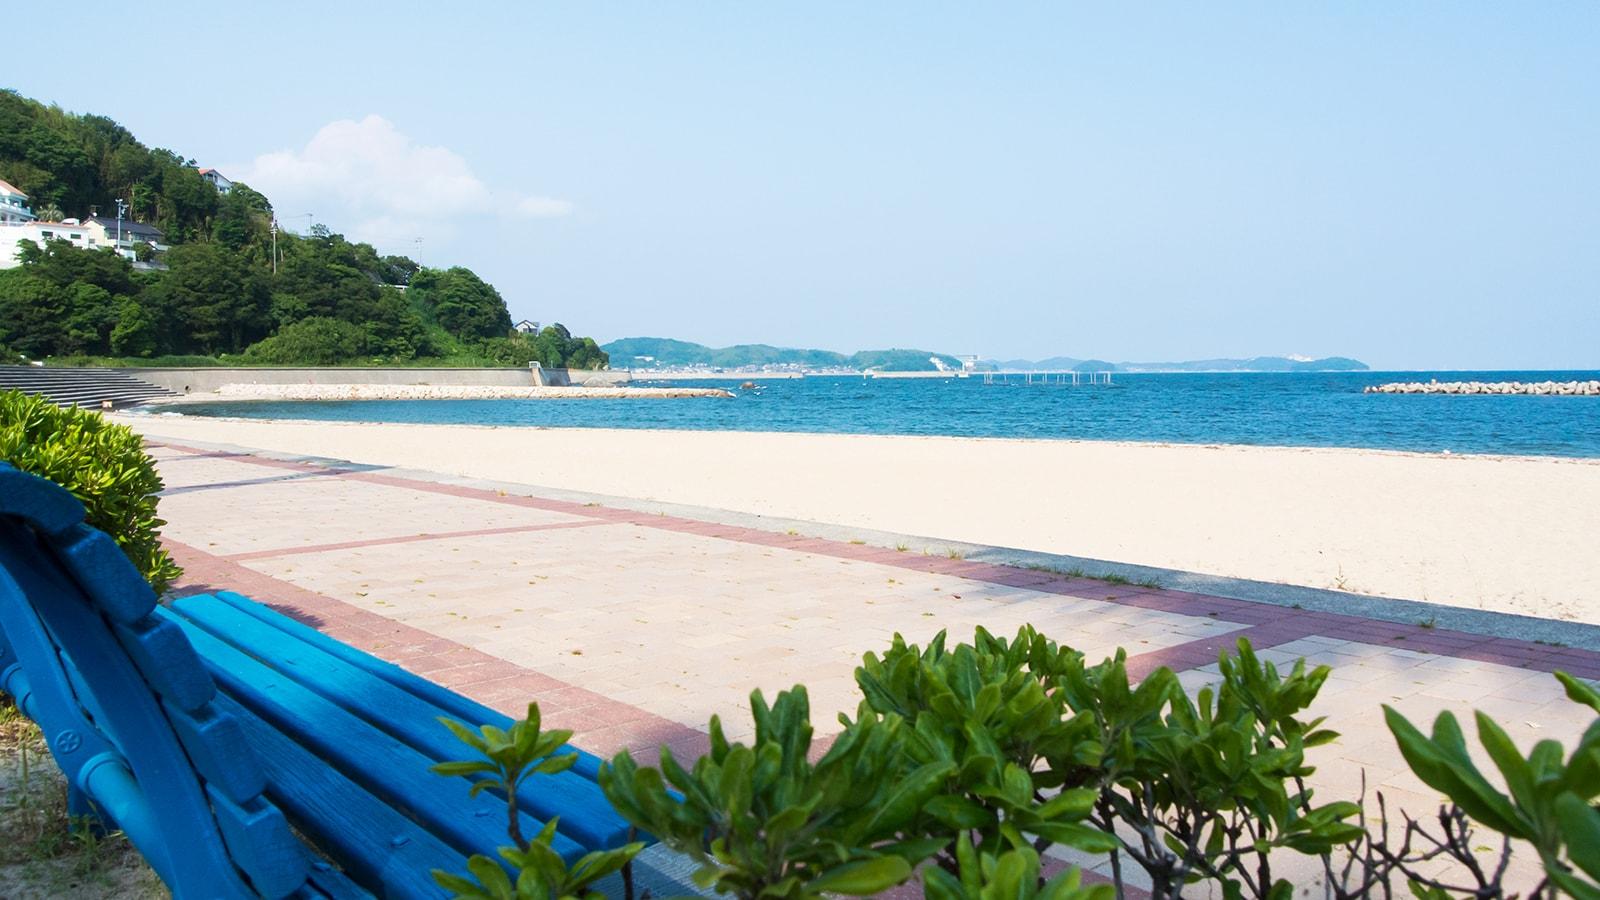 南国を感じさせる青色のベンチと白い砂浜 - -愛知県西尾市にある観光、撮影スポット- -